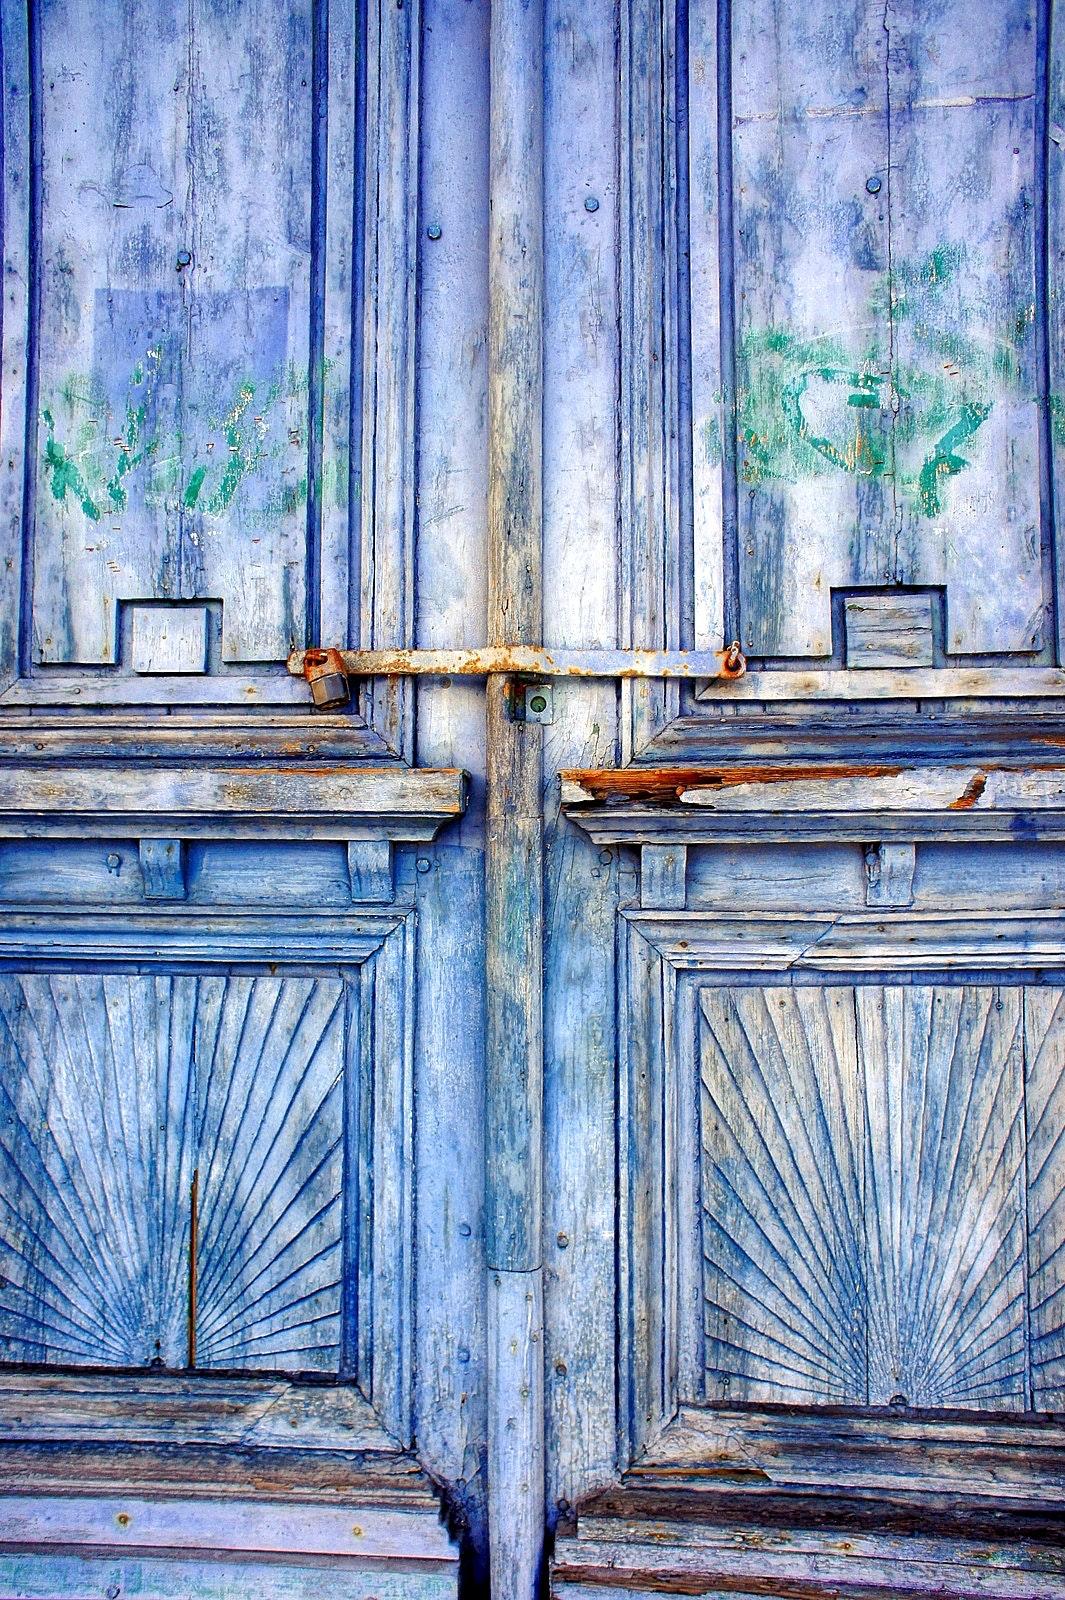 Gray Wooden Closed 2 Door, Antique, Dirty, Door, Rustic, HQ Photo